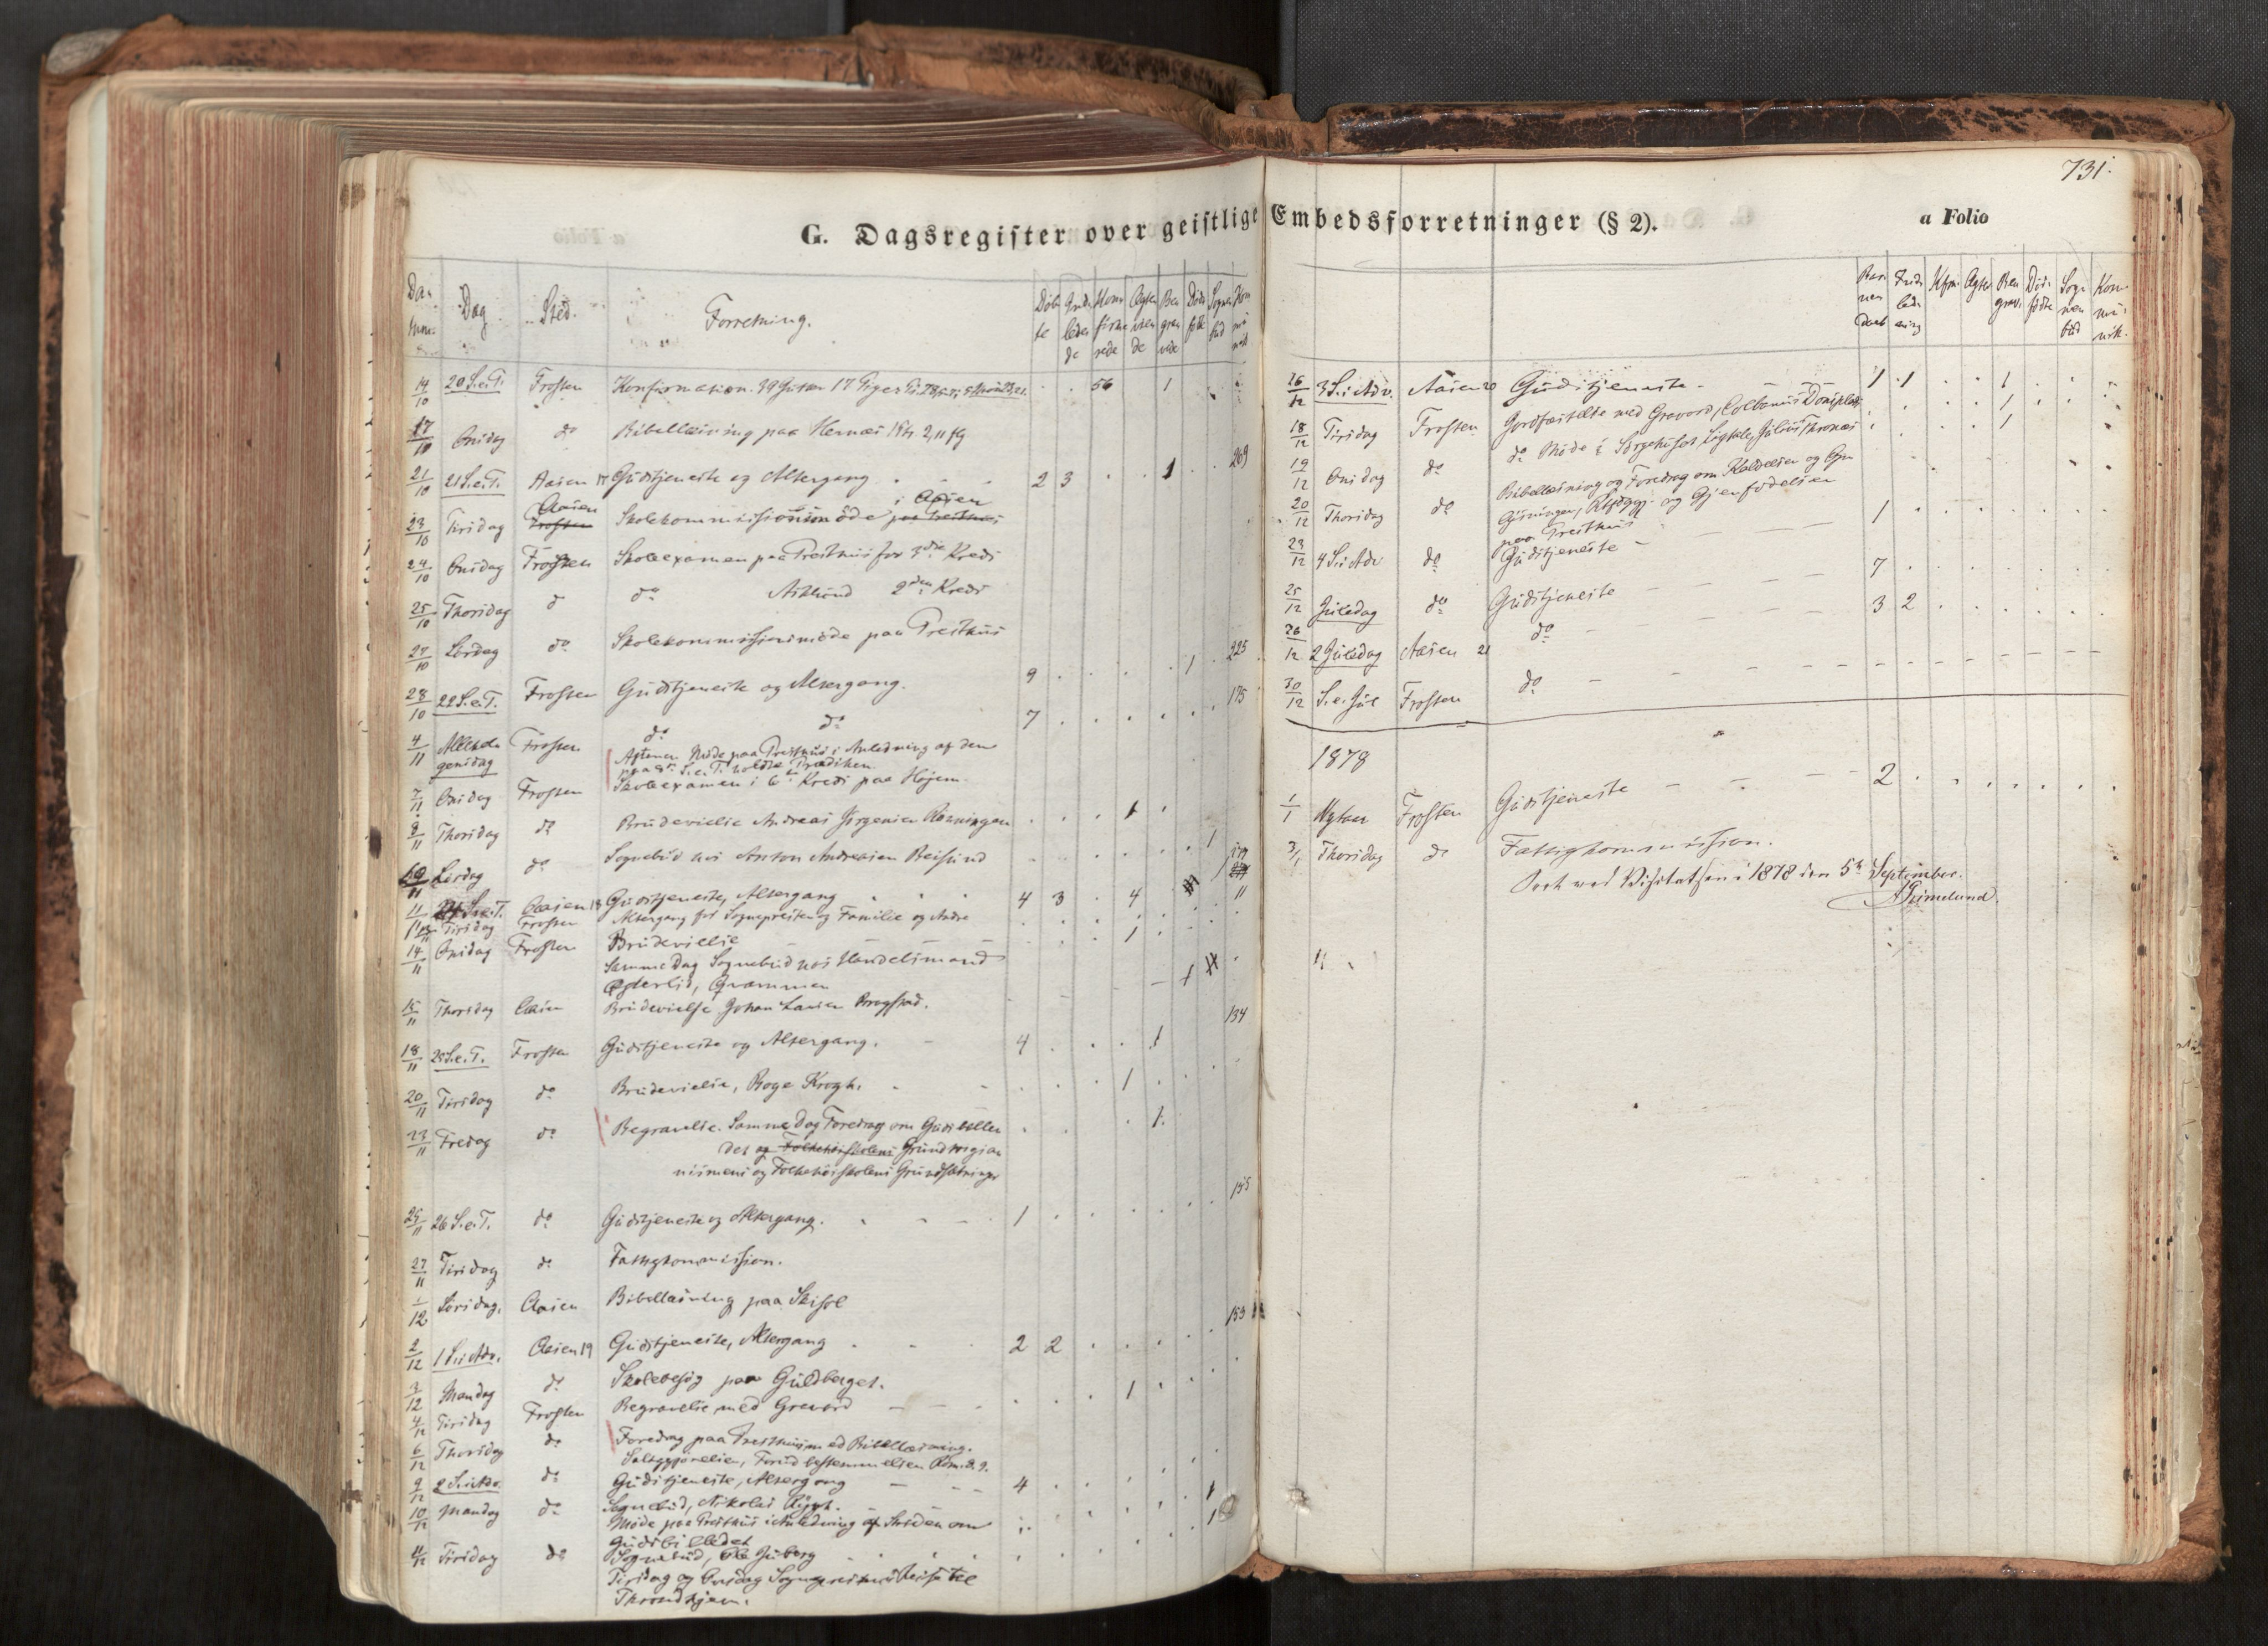 SAT, Ministerialprotokoller, klokkerbøker og fødselsregistre - Nord-Trøndelag, 713/L0116: Ministerialbok nr. 713A07, 1850-1877, s. 731